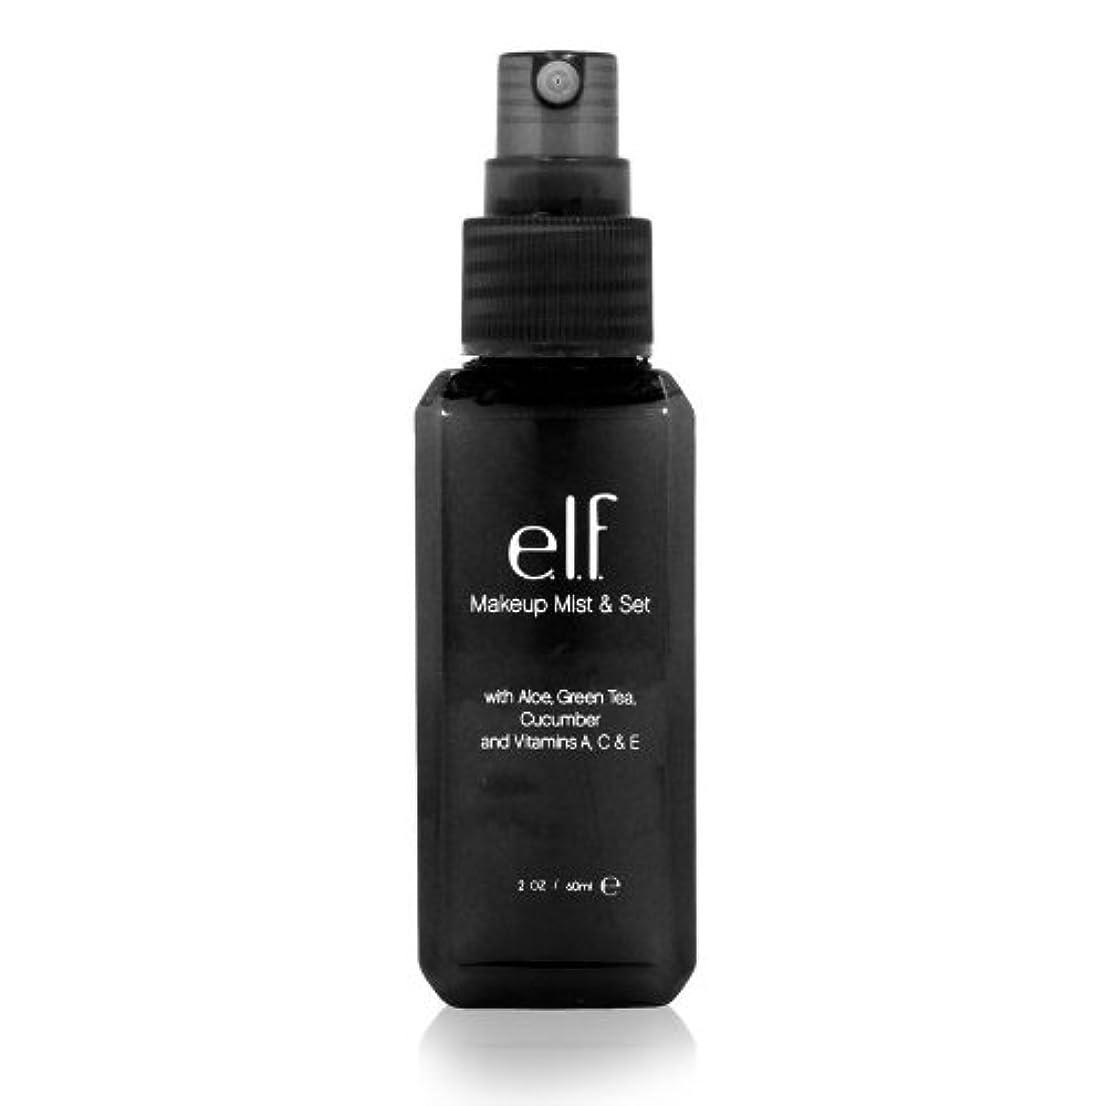 くさびかすかな注目すべきe.l.f. Studio Makeup Mist & Set - Clear (並行輸入品)